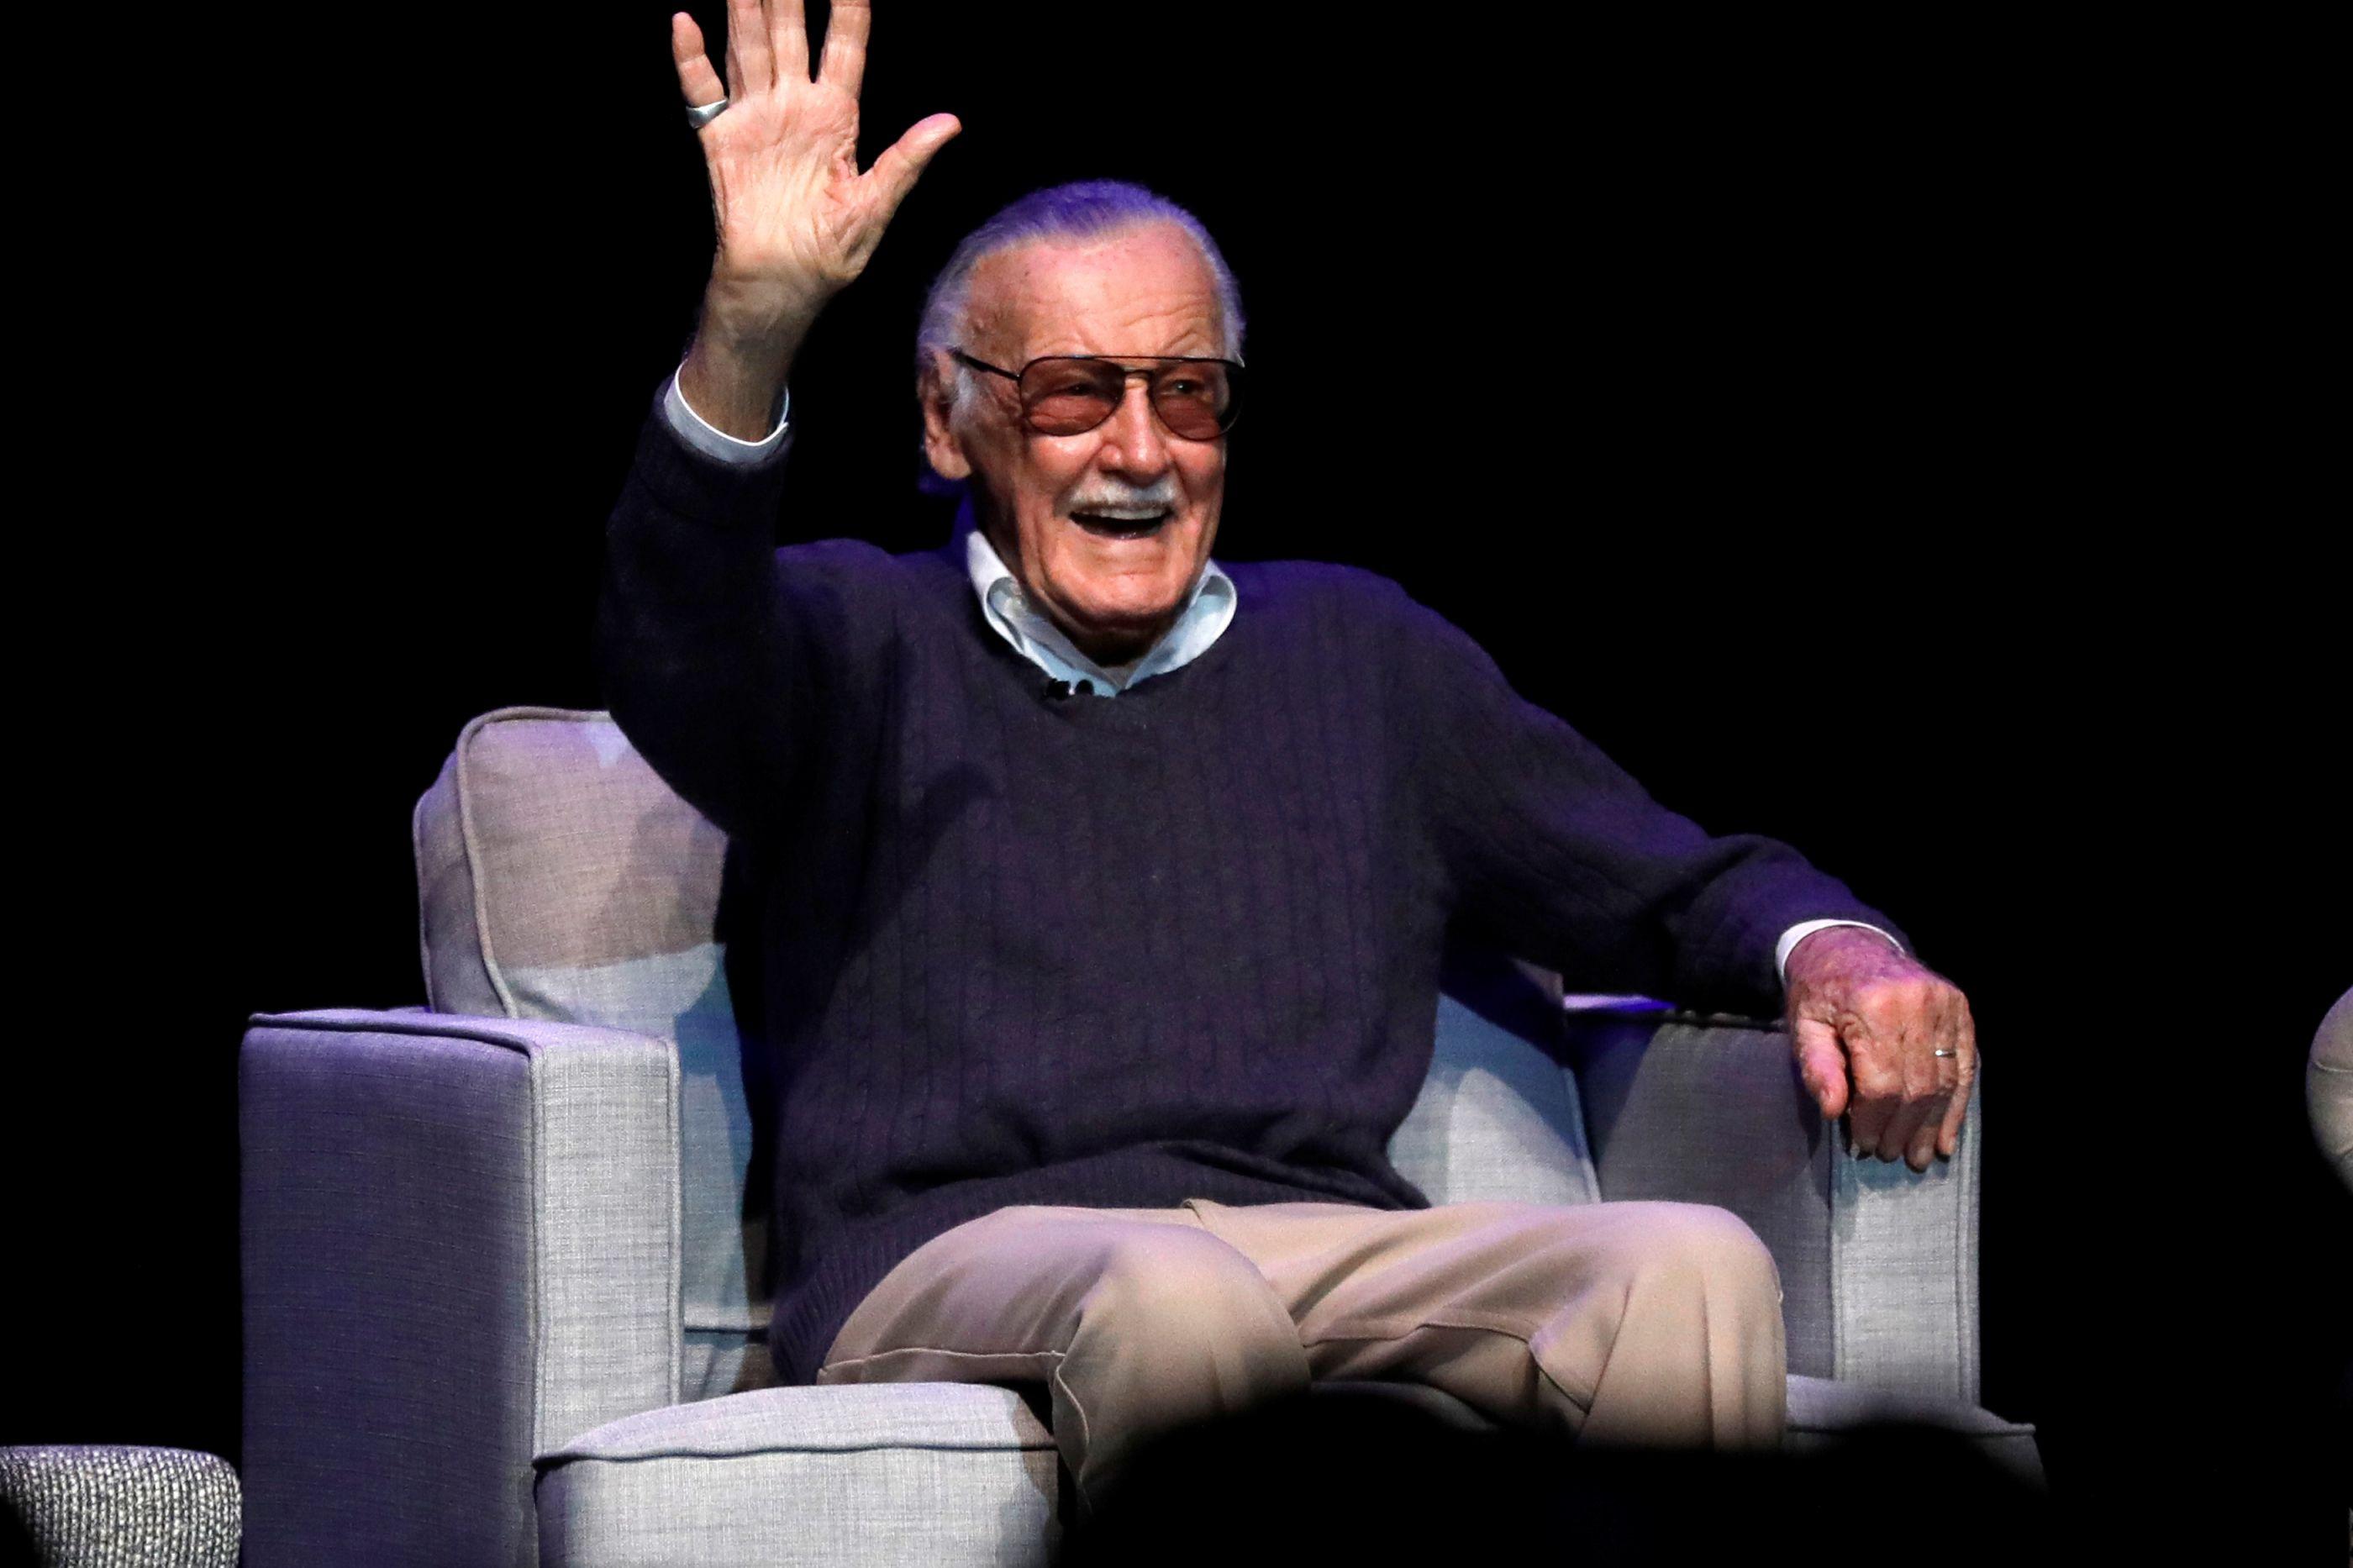 O herói dos super-heróis. Recorde alguns momentos do eterno Stan Lee